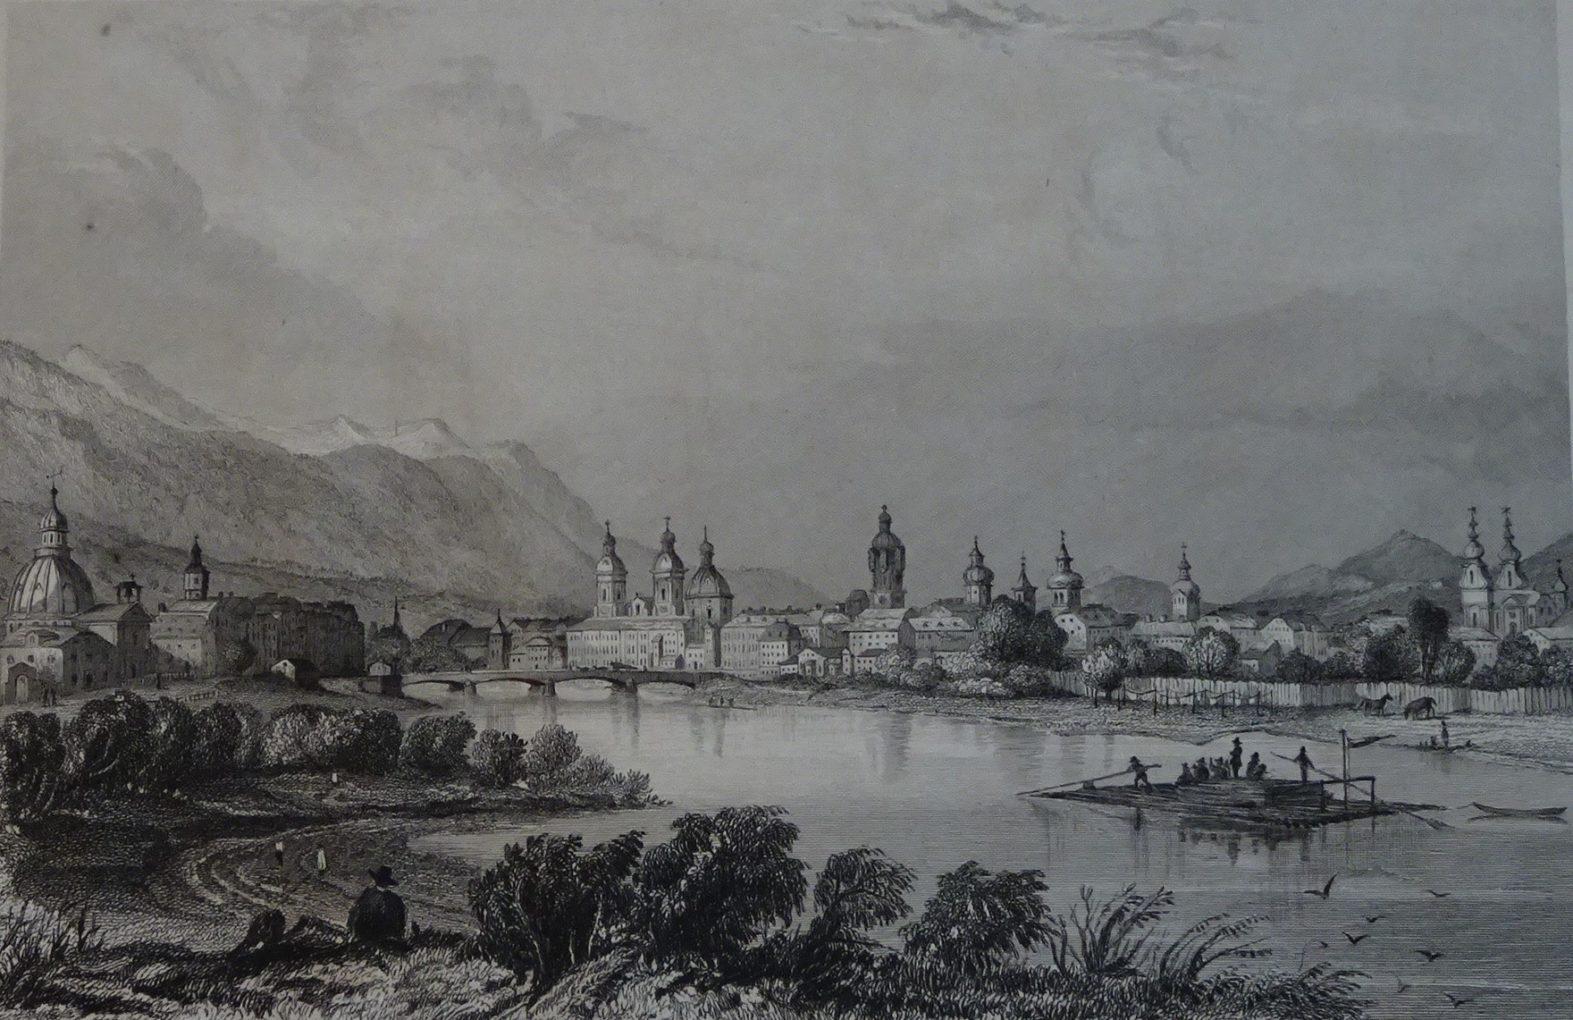 Henry Winkles według rysunku architekta J.M. Bayrera, Widok Innsbrucka, około 1840, staloryt na papierze czerpanym, Muzeum Narodowe w Szczecinie